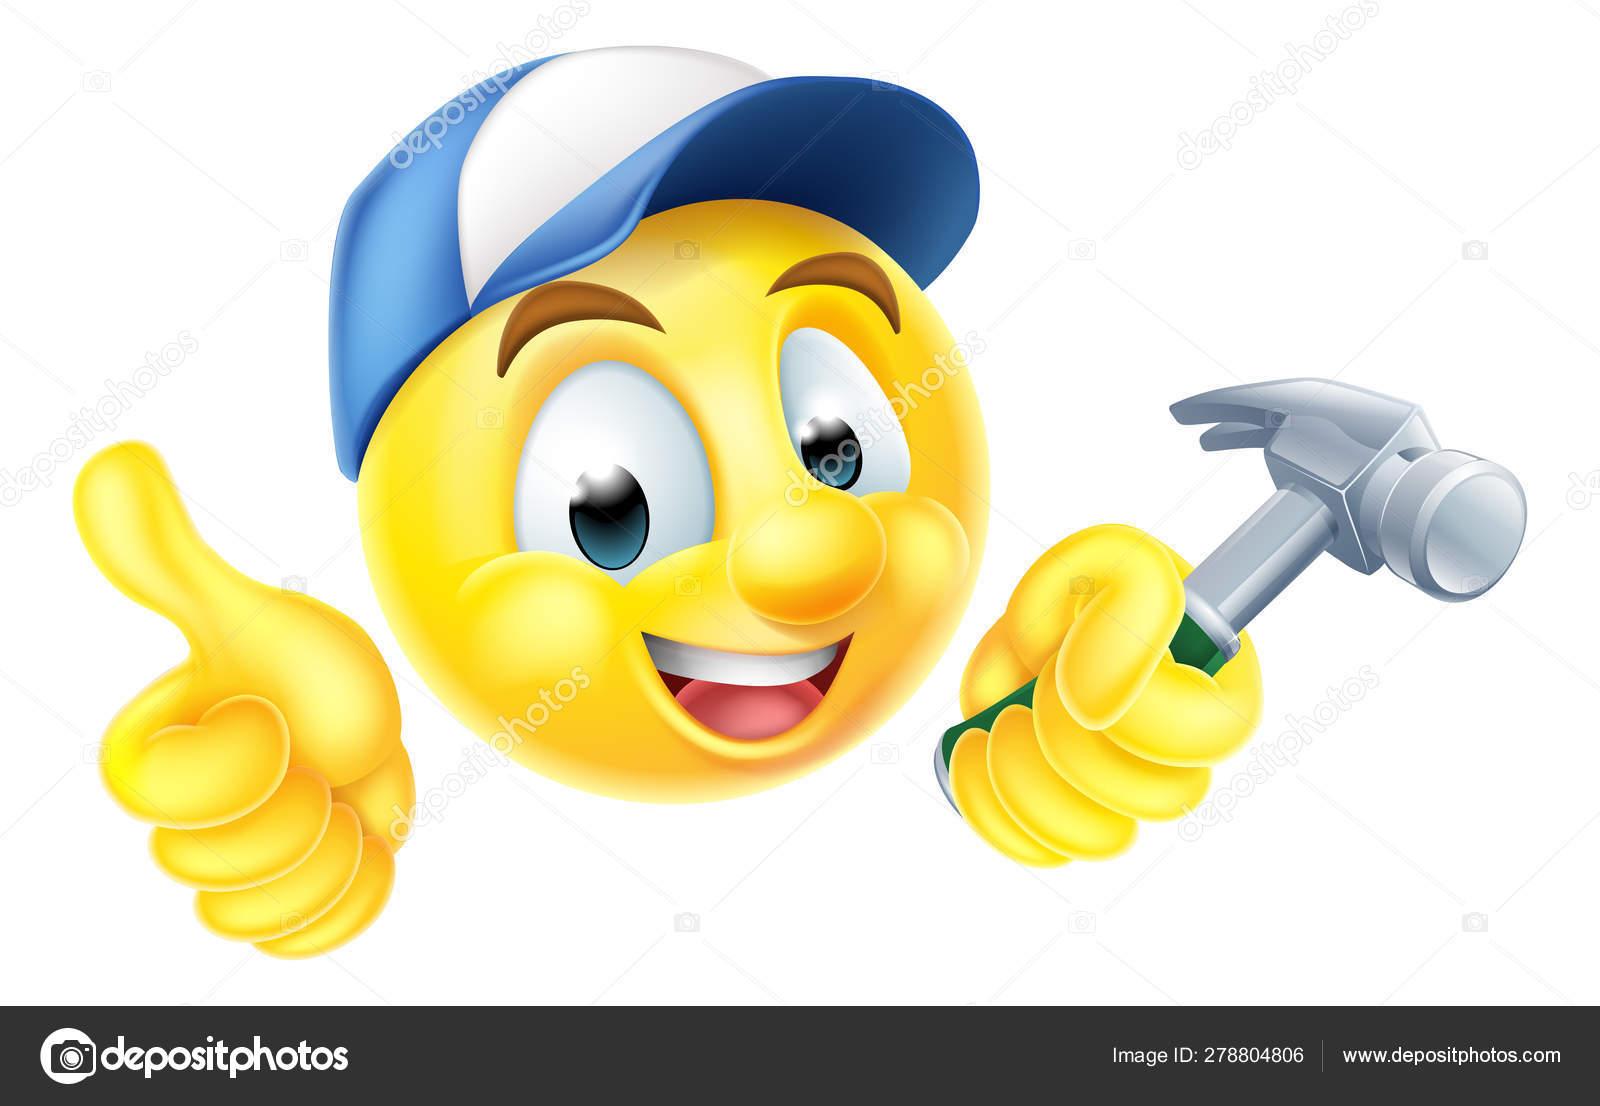 Vecteurs Pour Smiley Pouce Leve Illustrations Libres De Droits Pour Smiley Pouce Leve Depositphotos